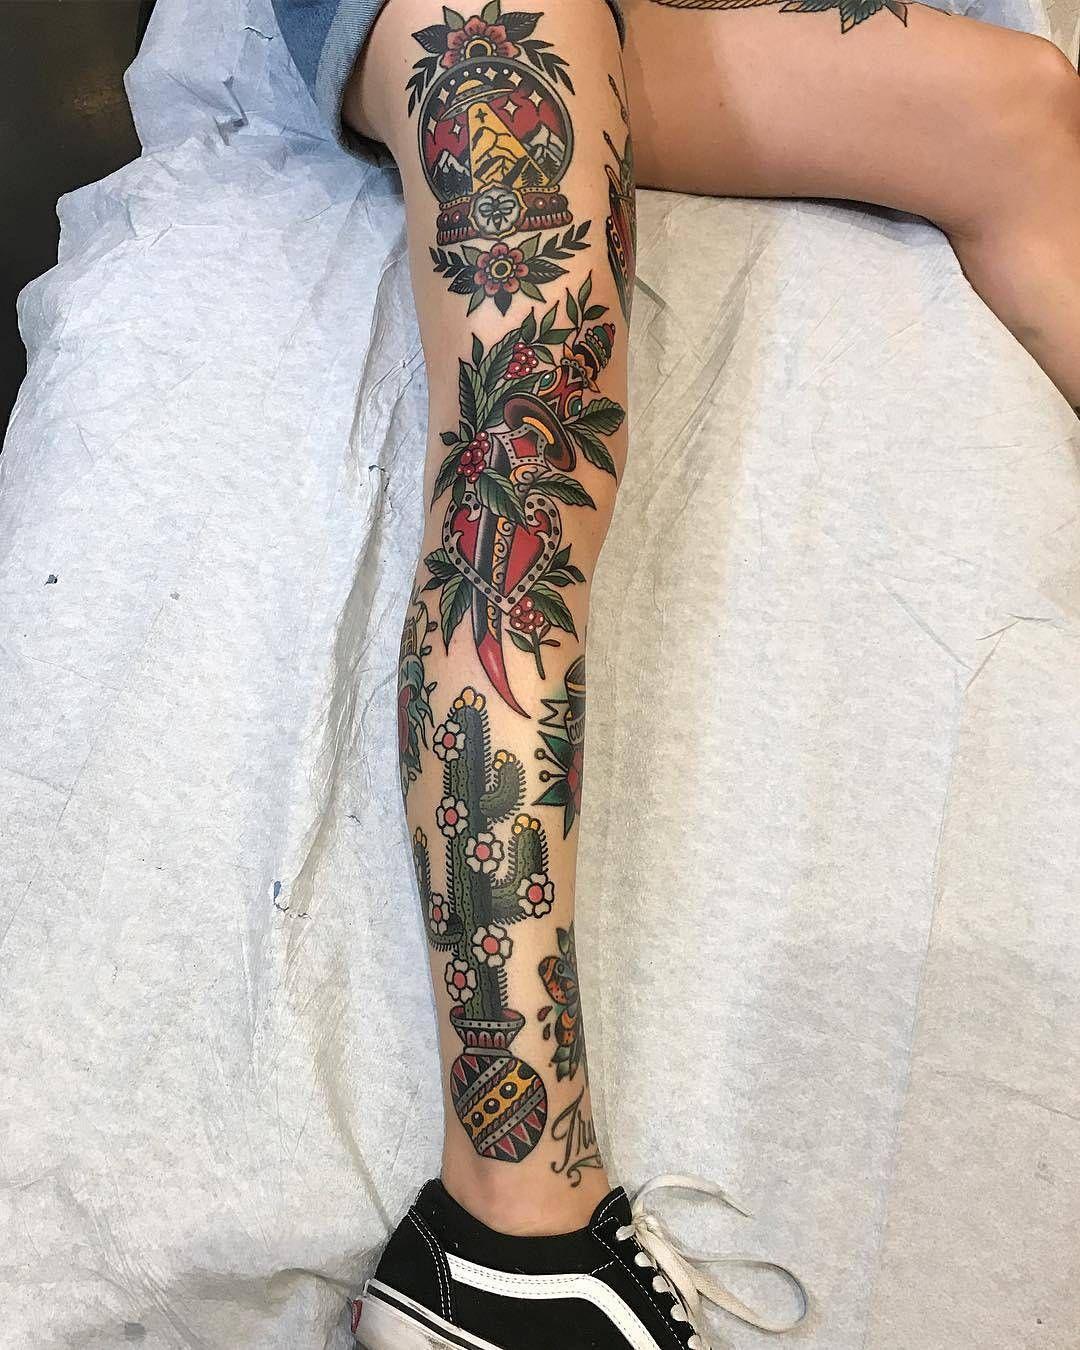 """Traditional Tattoo on Instagram: """"#tattoo by @mattxcannon ... ... ... #traditional #traditionaltattoo #traditionalartist #oldtattoo #oldschooltattoo #tattooartist #tattooart…"""""""